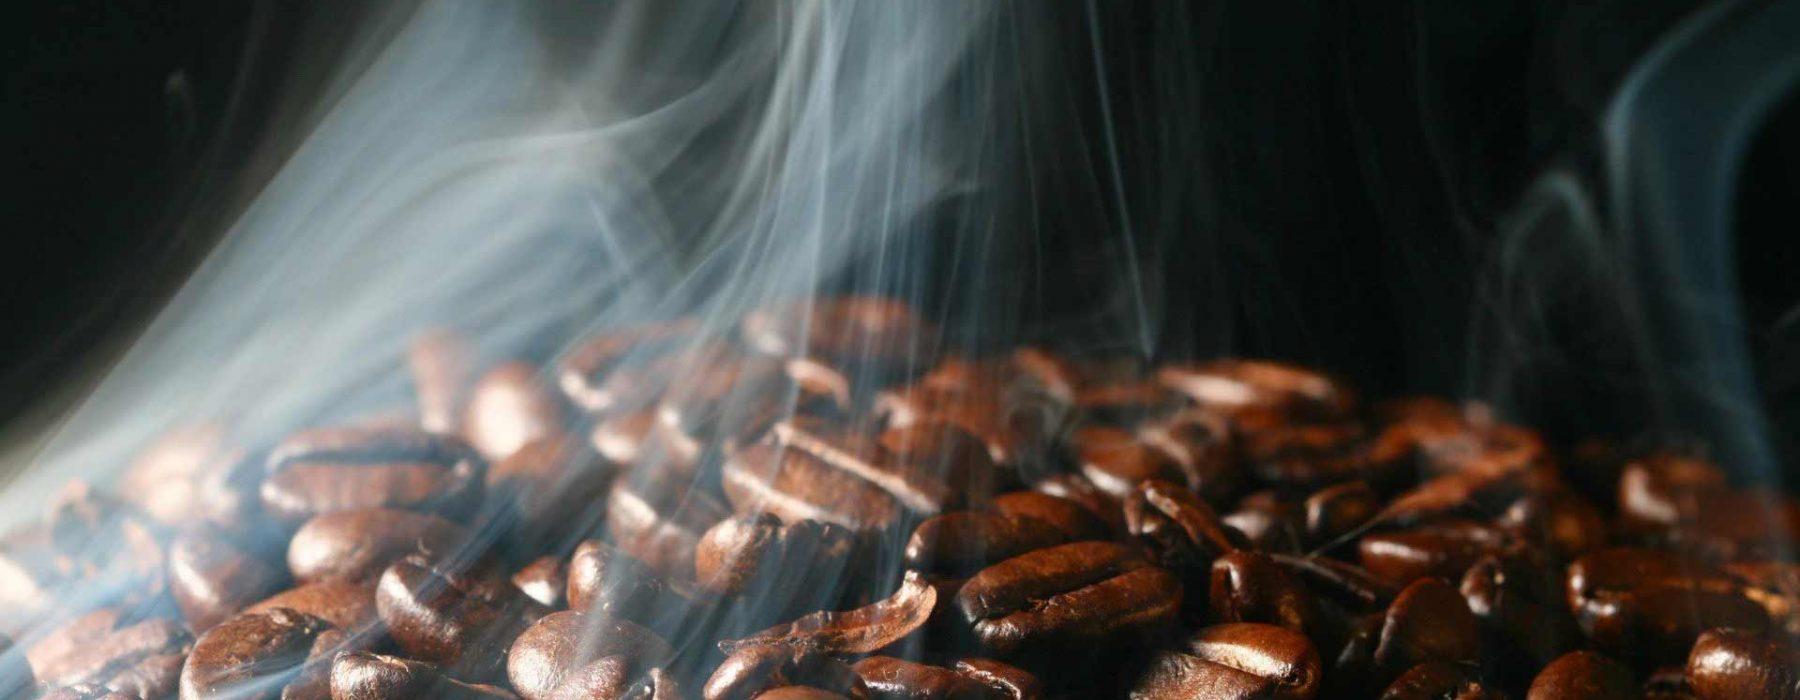 De la torréfaction artisanale du café, le plus authentique cafés italiens